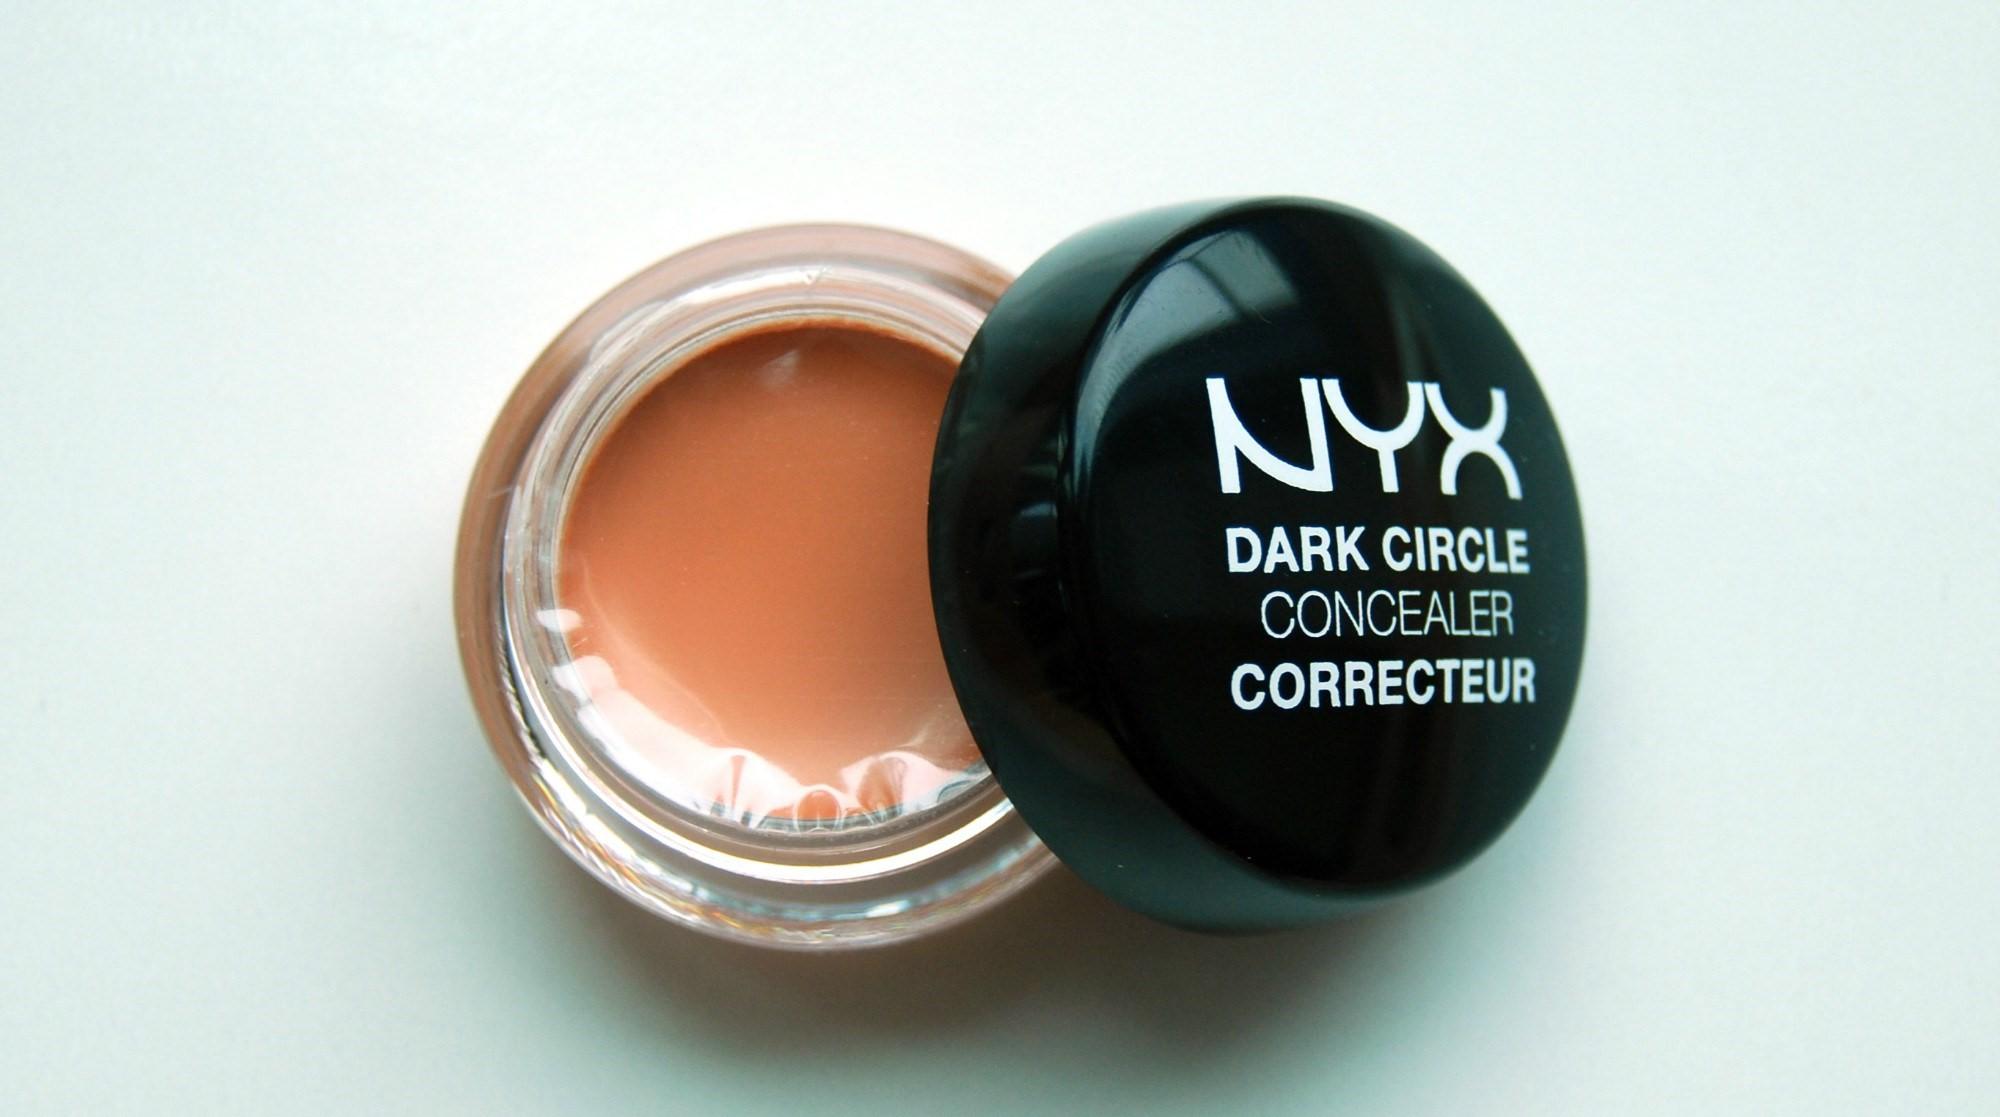 Dark Circle Concealer fra NYX Cosmetics: Et effektivt våben i kampen mod mørke rande under øjnene